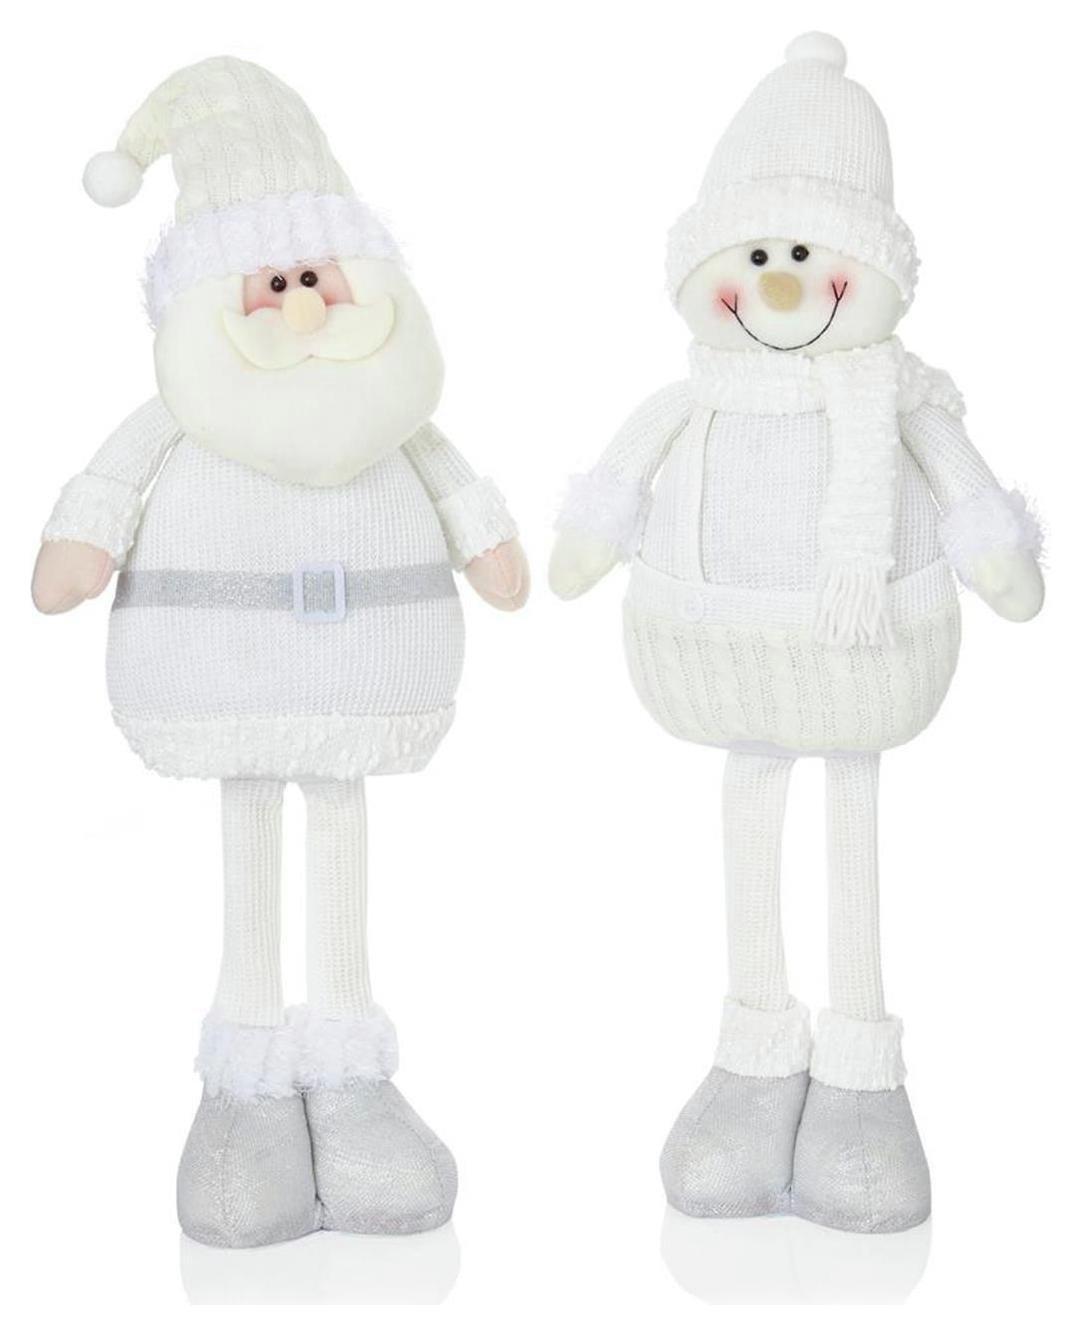 premier-decorations-56cm-standing-santa-snowman-white